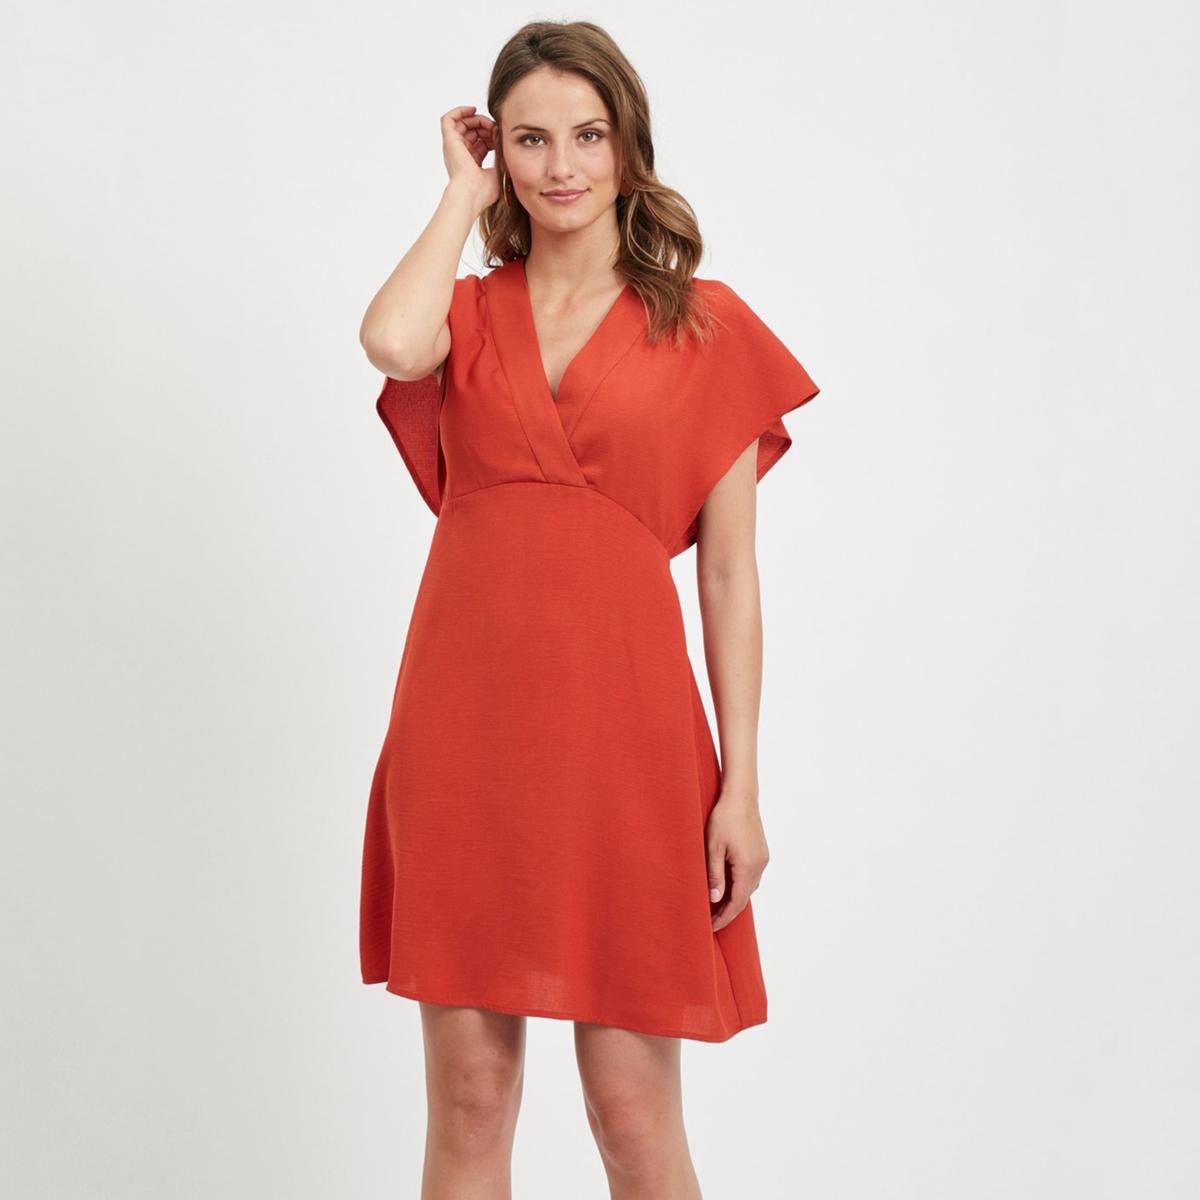 Платье La Redoute Короткое расклешенное с короткими рукавами 36 (FR) - 42 (RUS) красный платье миди la redoute расклешенное с короткими рукавами 42 fr 48 rus красный